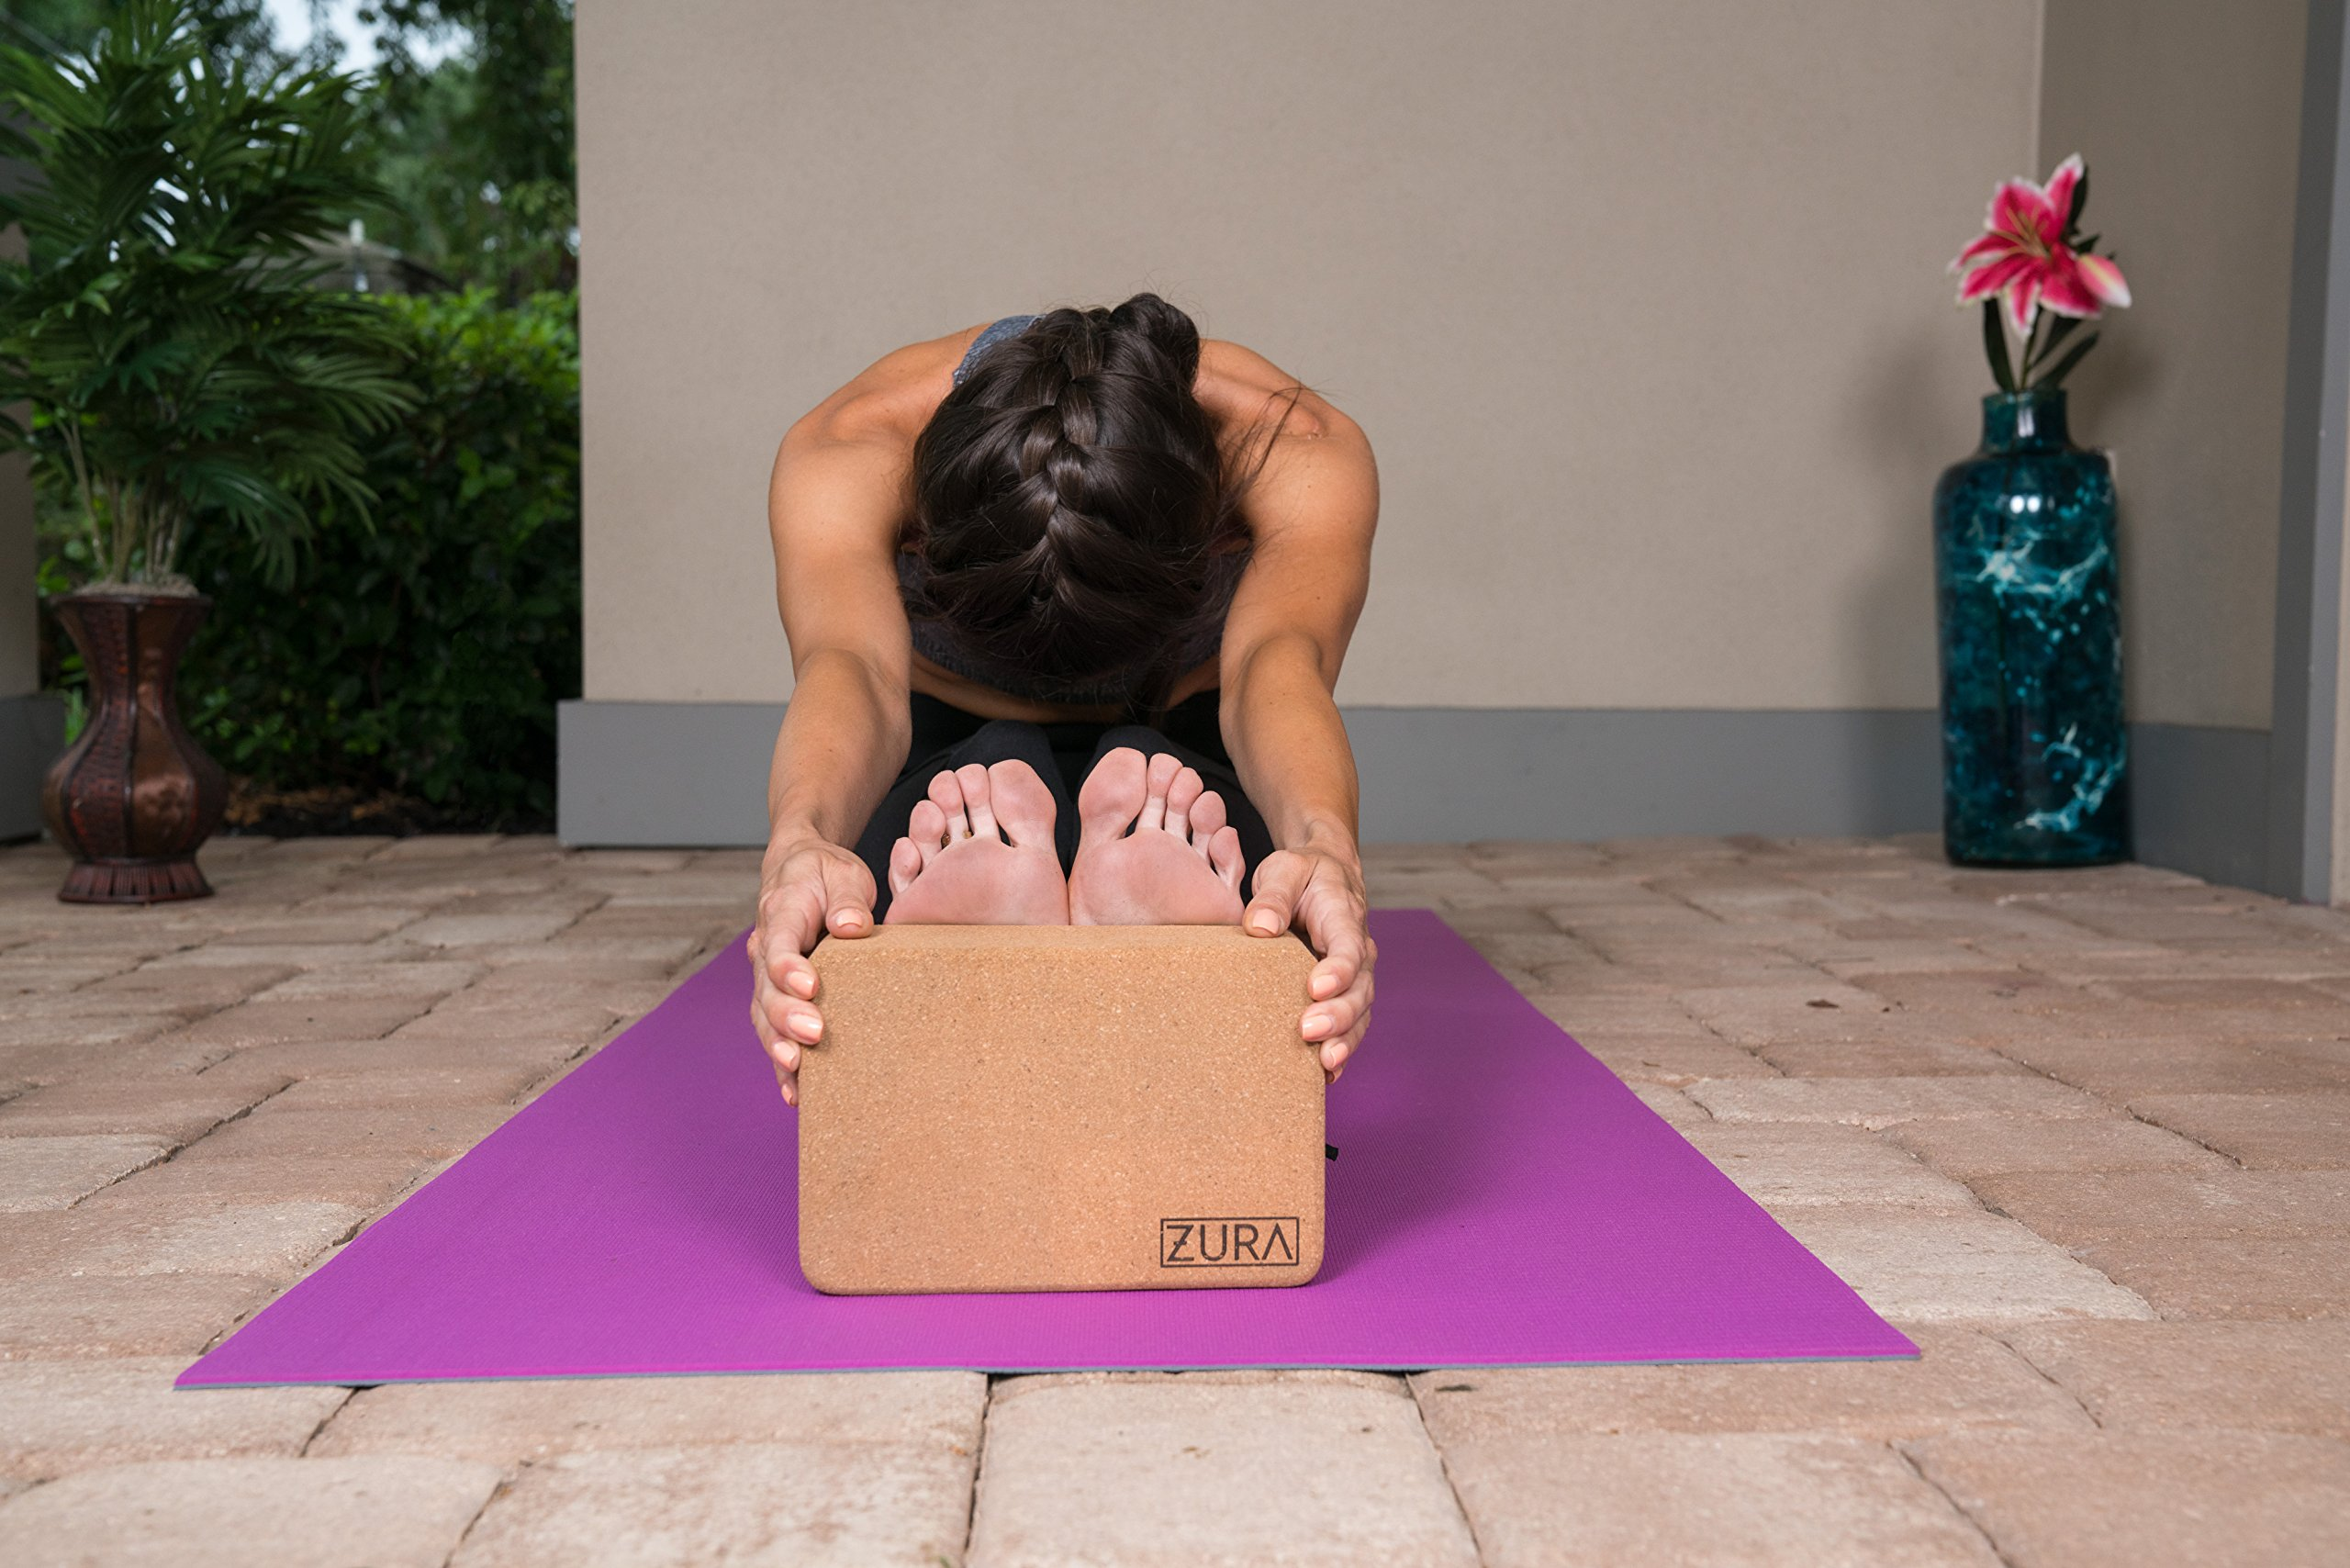 ZURA Cork Yoga Blocks Brick - Natural, Eco-Friendly, Non-Toxic - Best Yoga Props, Tools, Pilates